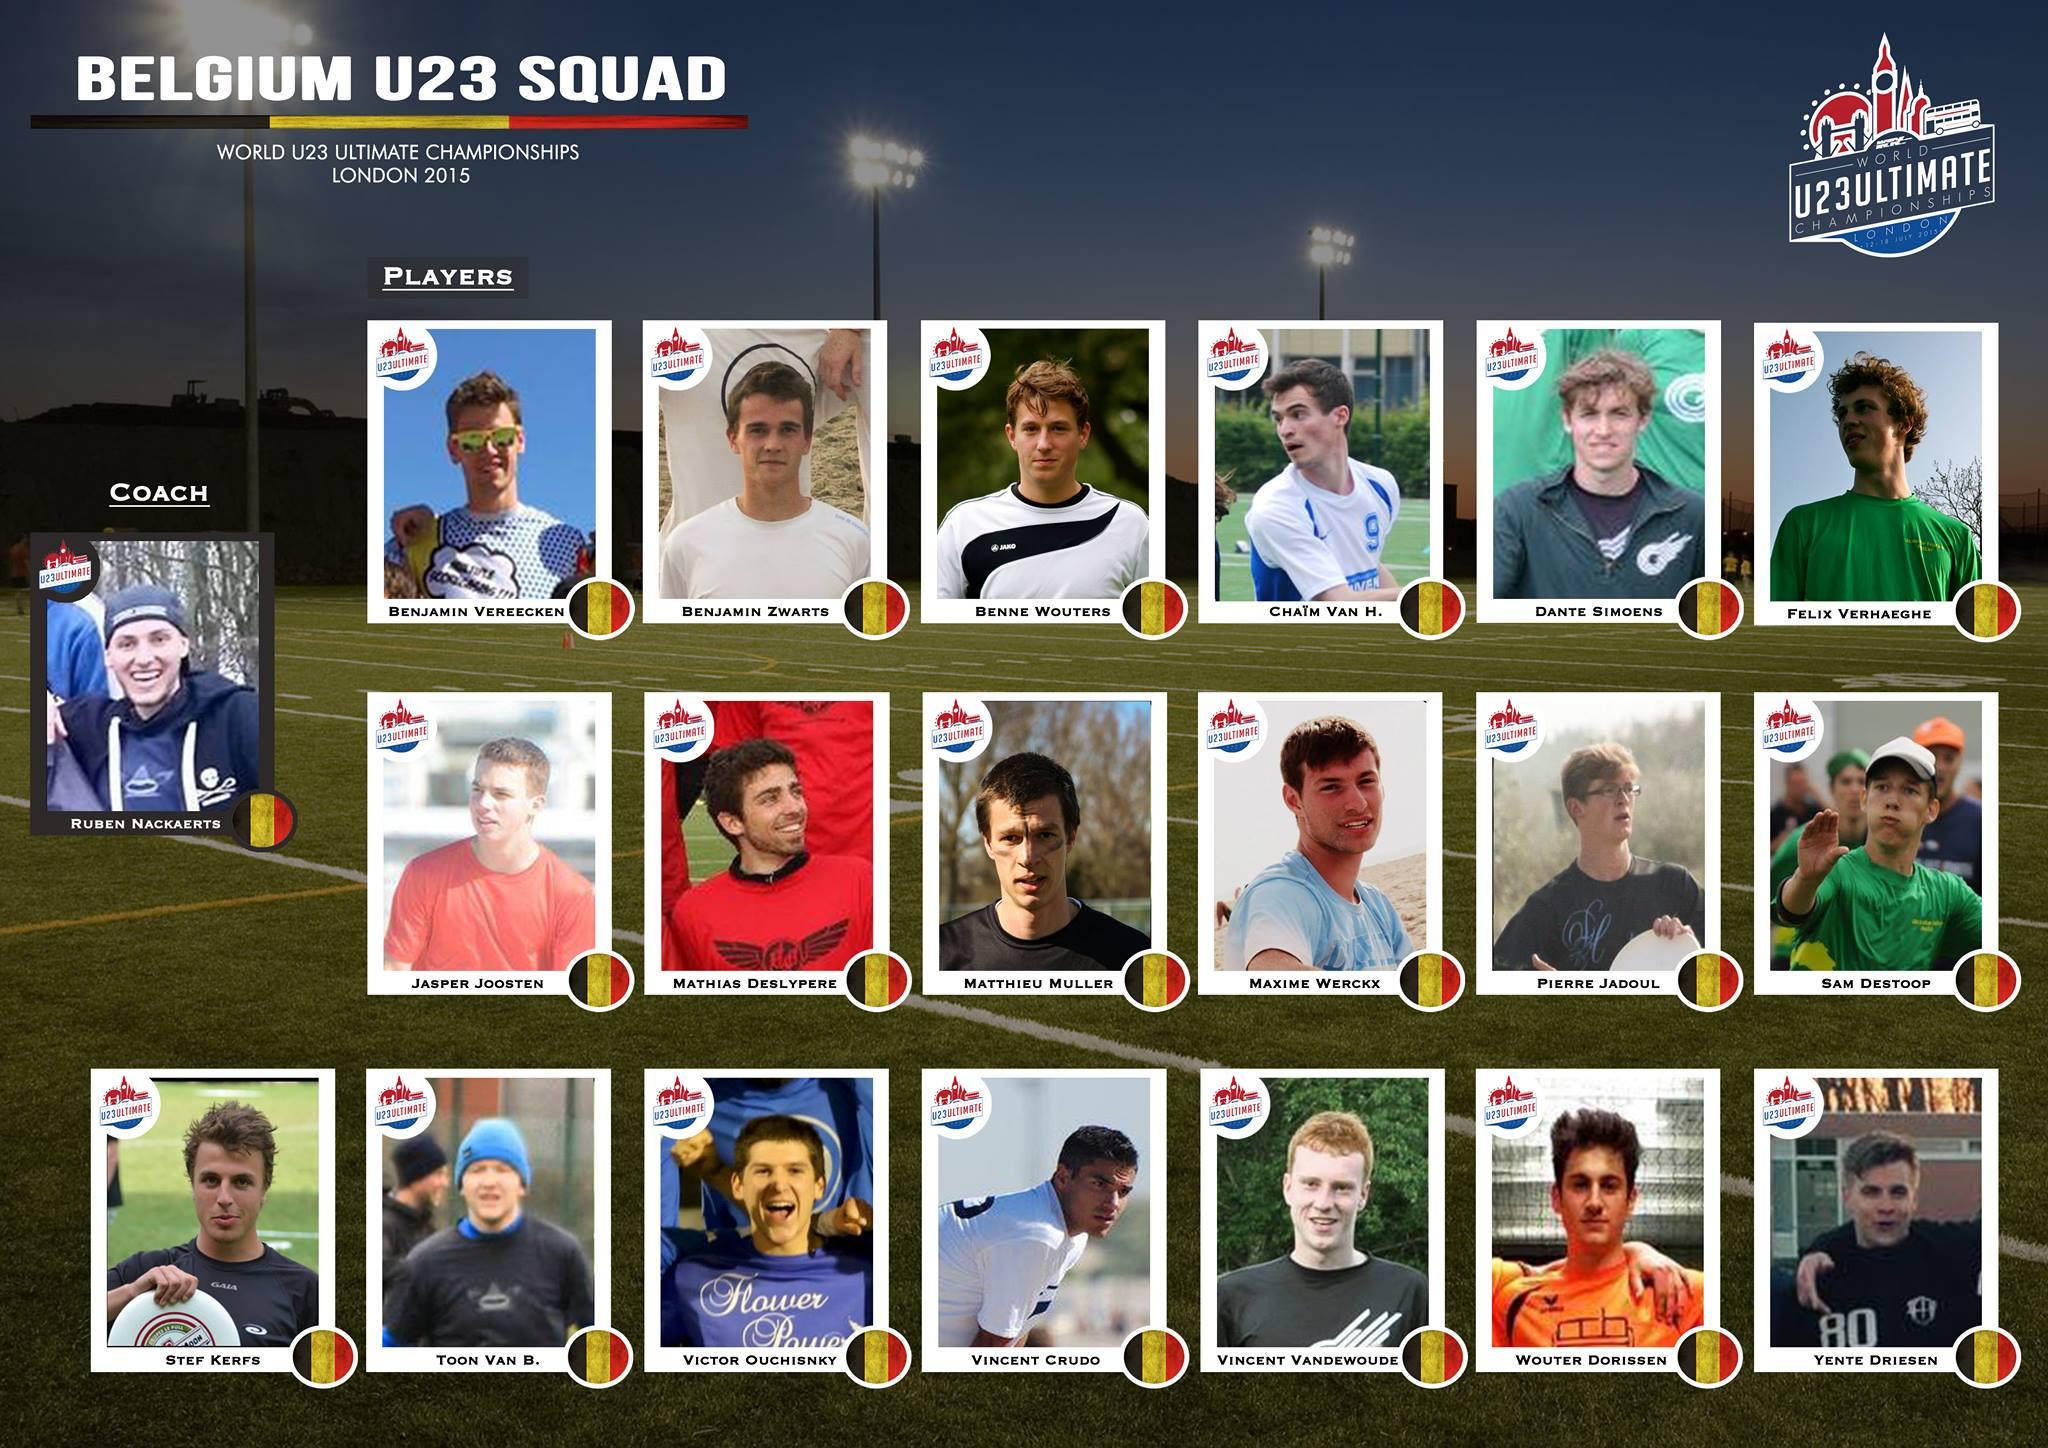 U23 Team